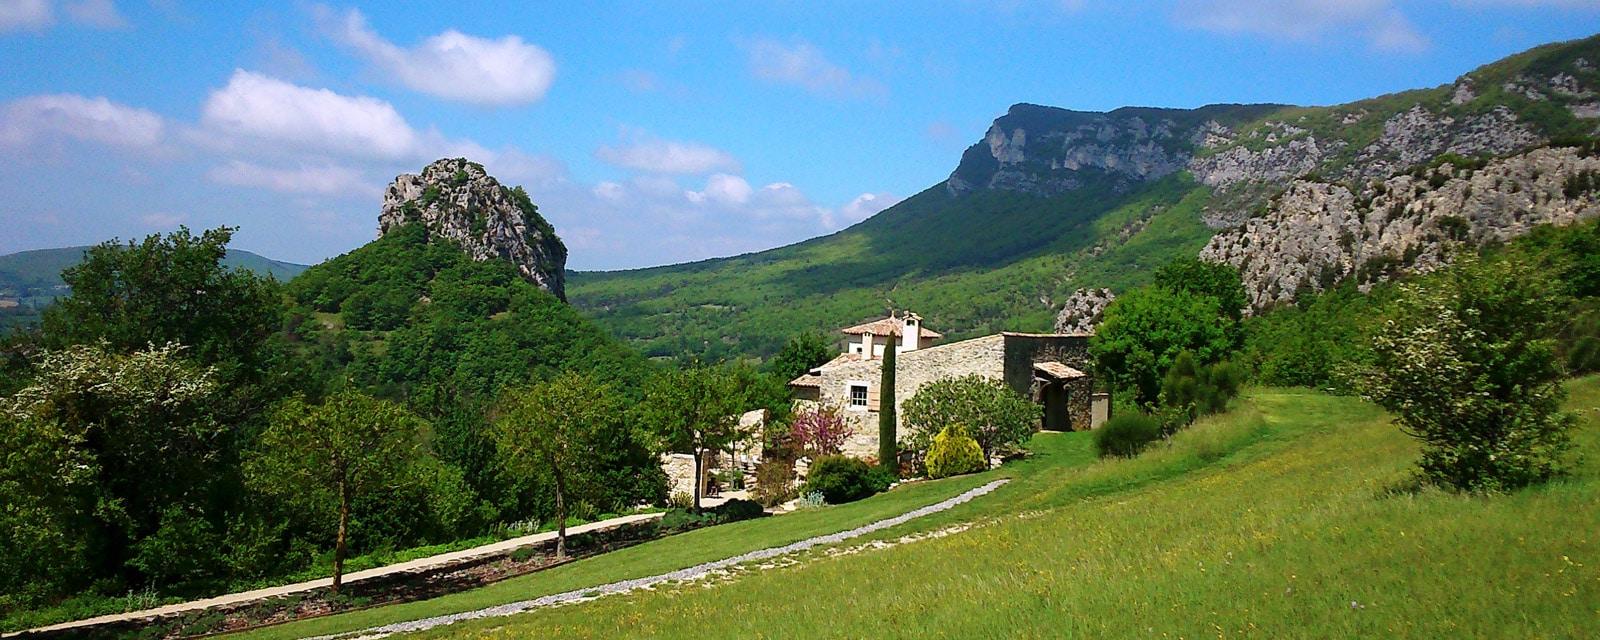 Maison hotes provencal Saou